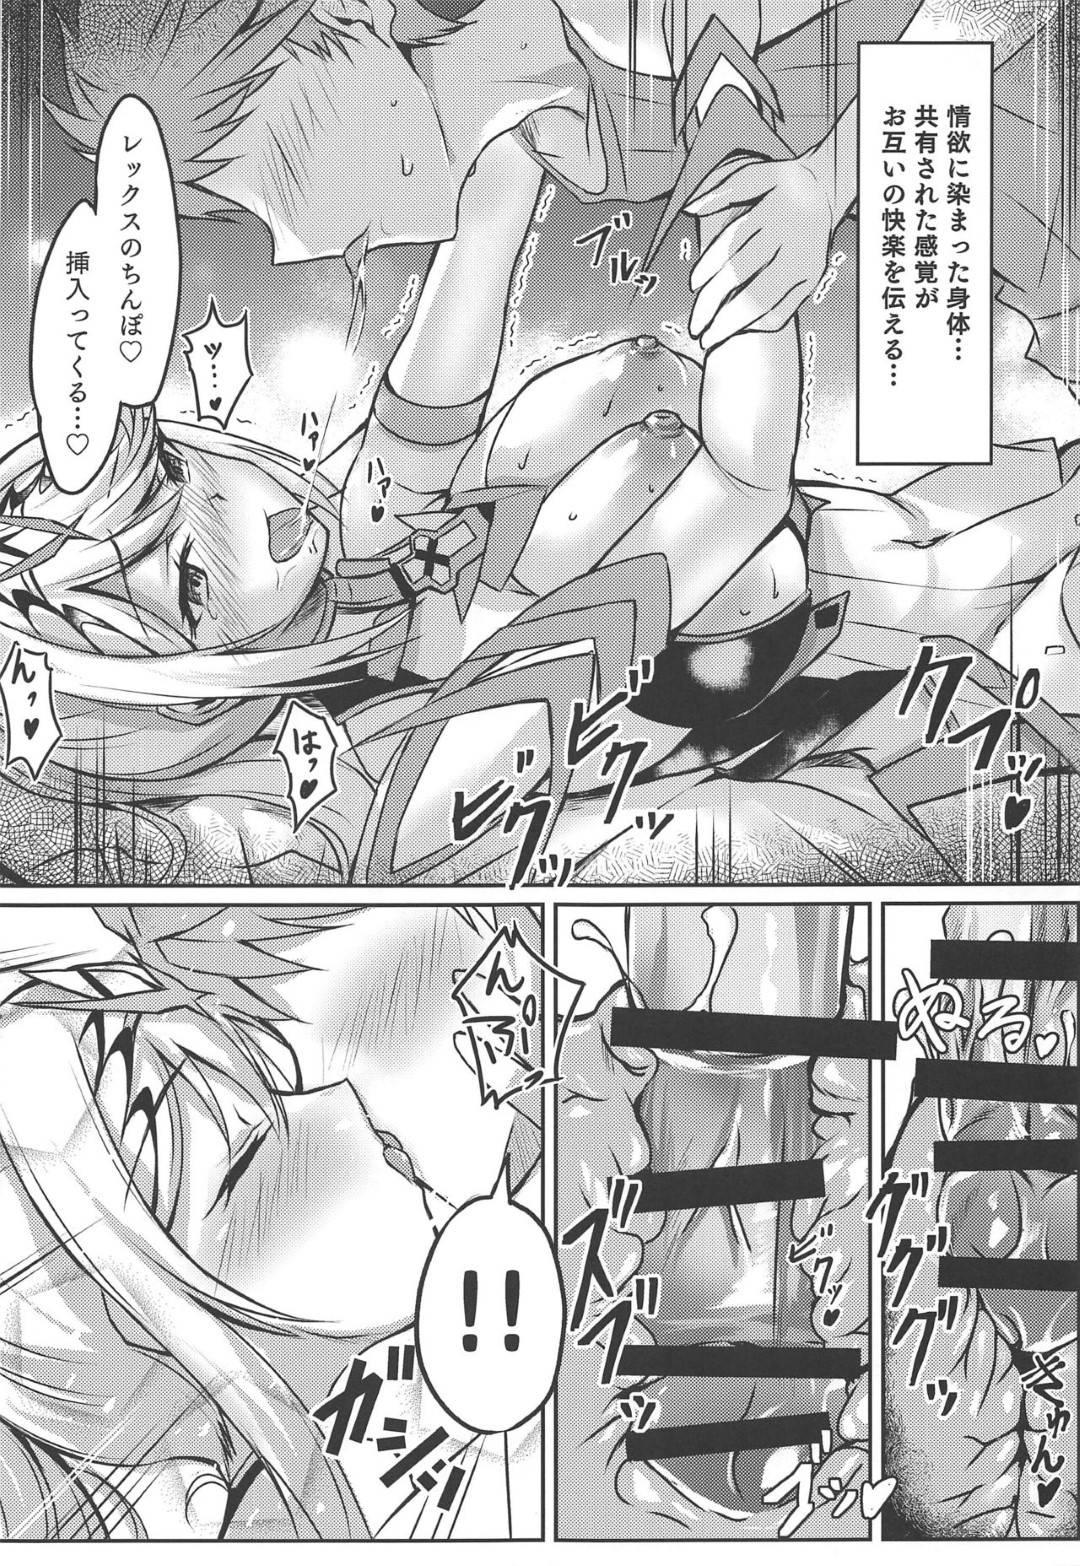 【ゼノブレエロ漫画】ヒカリとセックスしている事がホムラにバレてしまったレックス。ヤキモチを焼いたホムラは強引に彼を押し倒してセックスを迫る。淫乱とかした彼女に抗える訳もなくフェラやパイズリでされるがままに搾り取られて、バックや正常位などの体位でヤりまくる!【どらやきや】